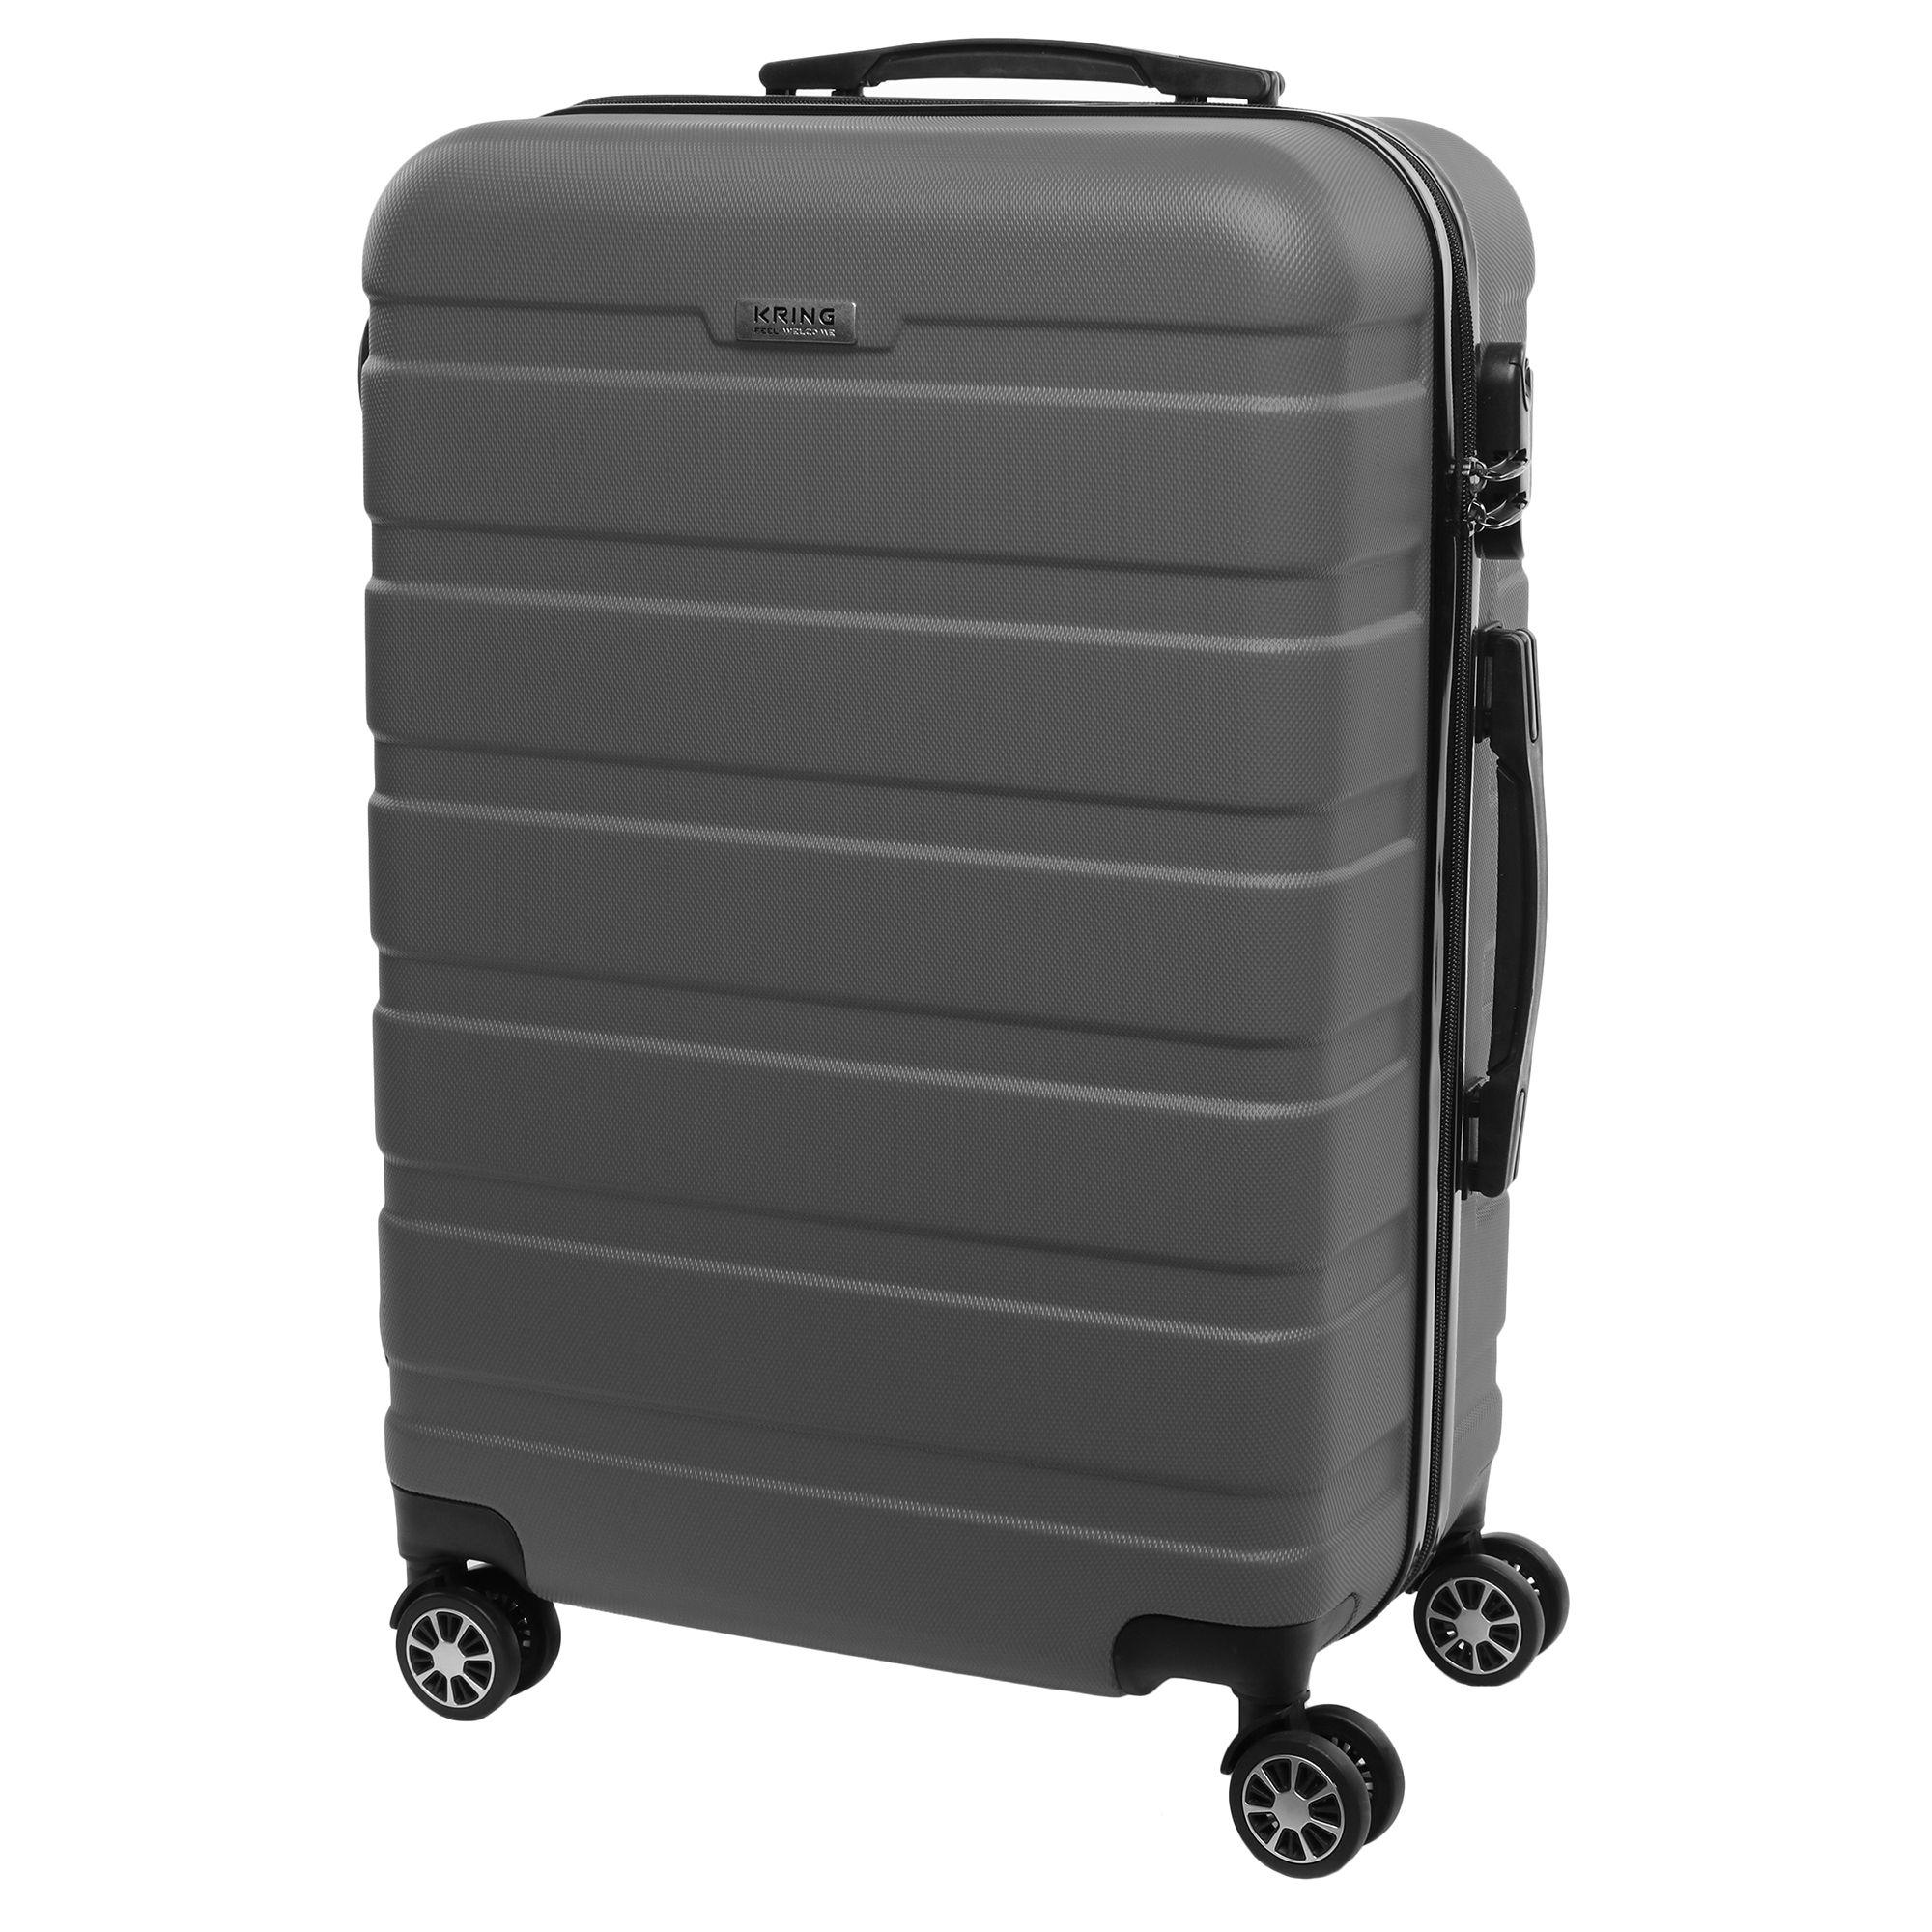 Куфар Kring Ethiopia ABS, 65 см, Сив